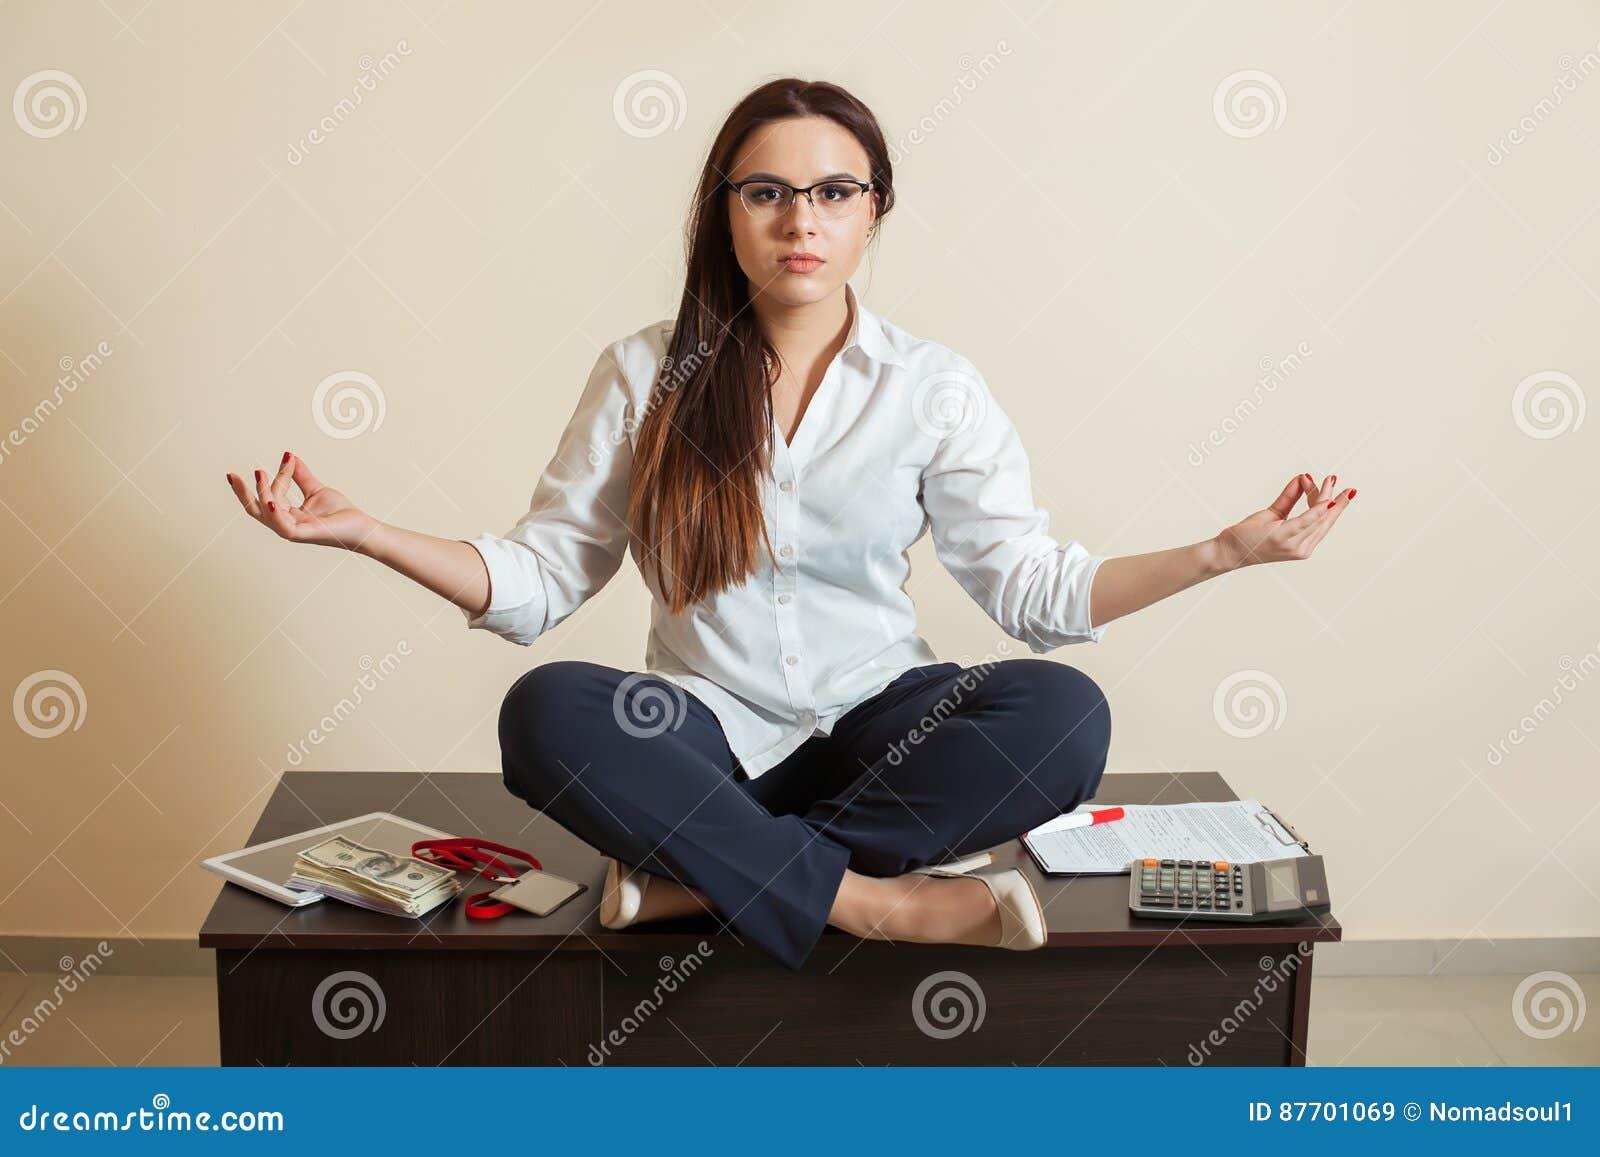 Comptable s asseyant dans la pose de yoga sur la table